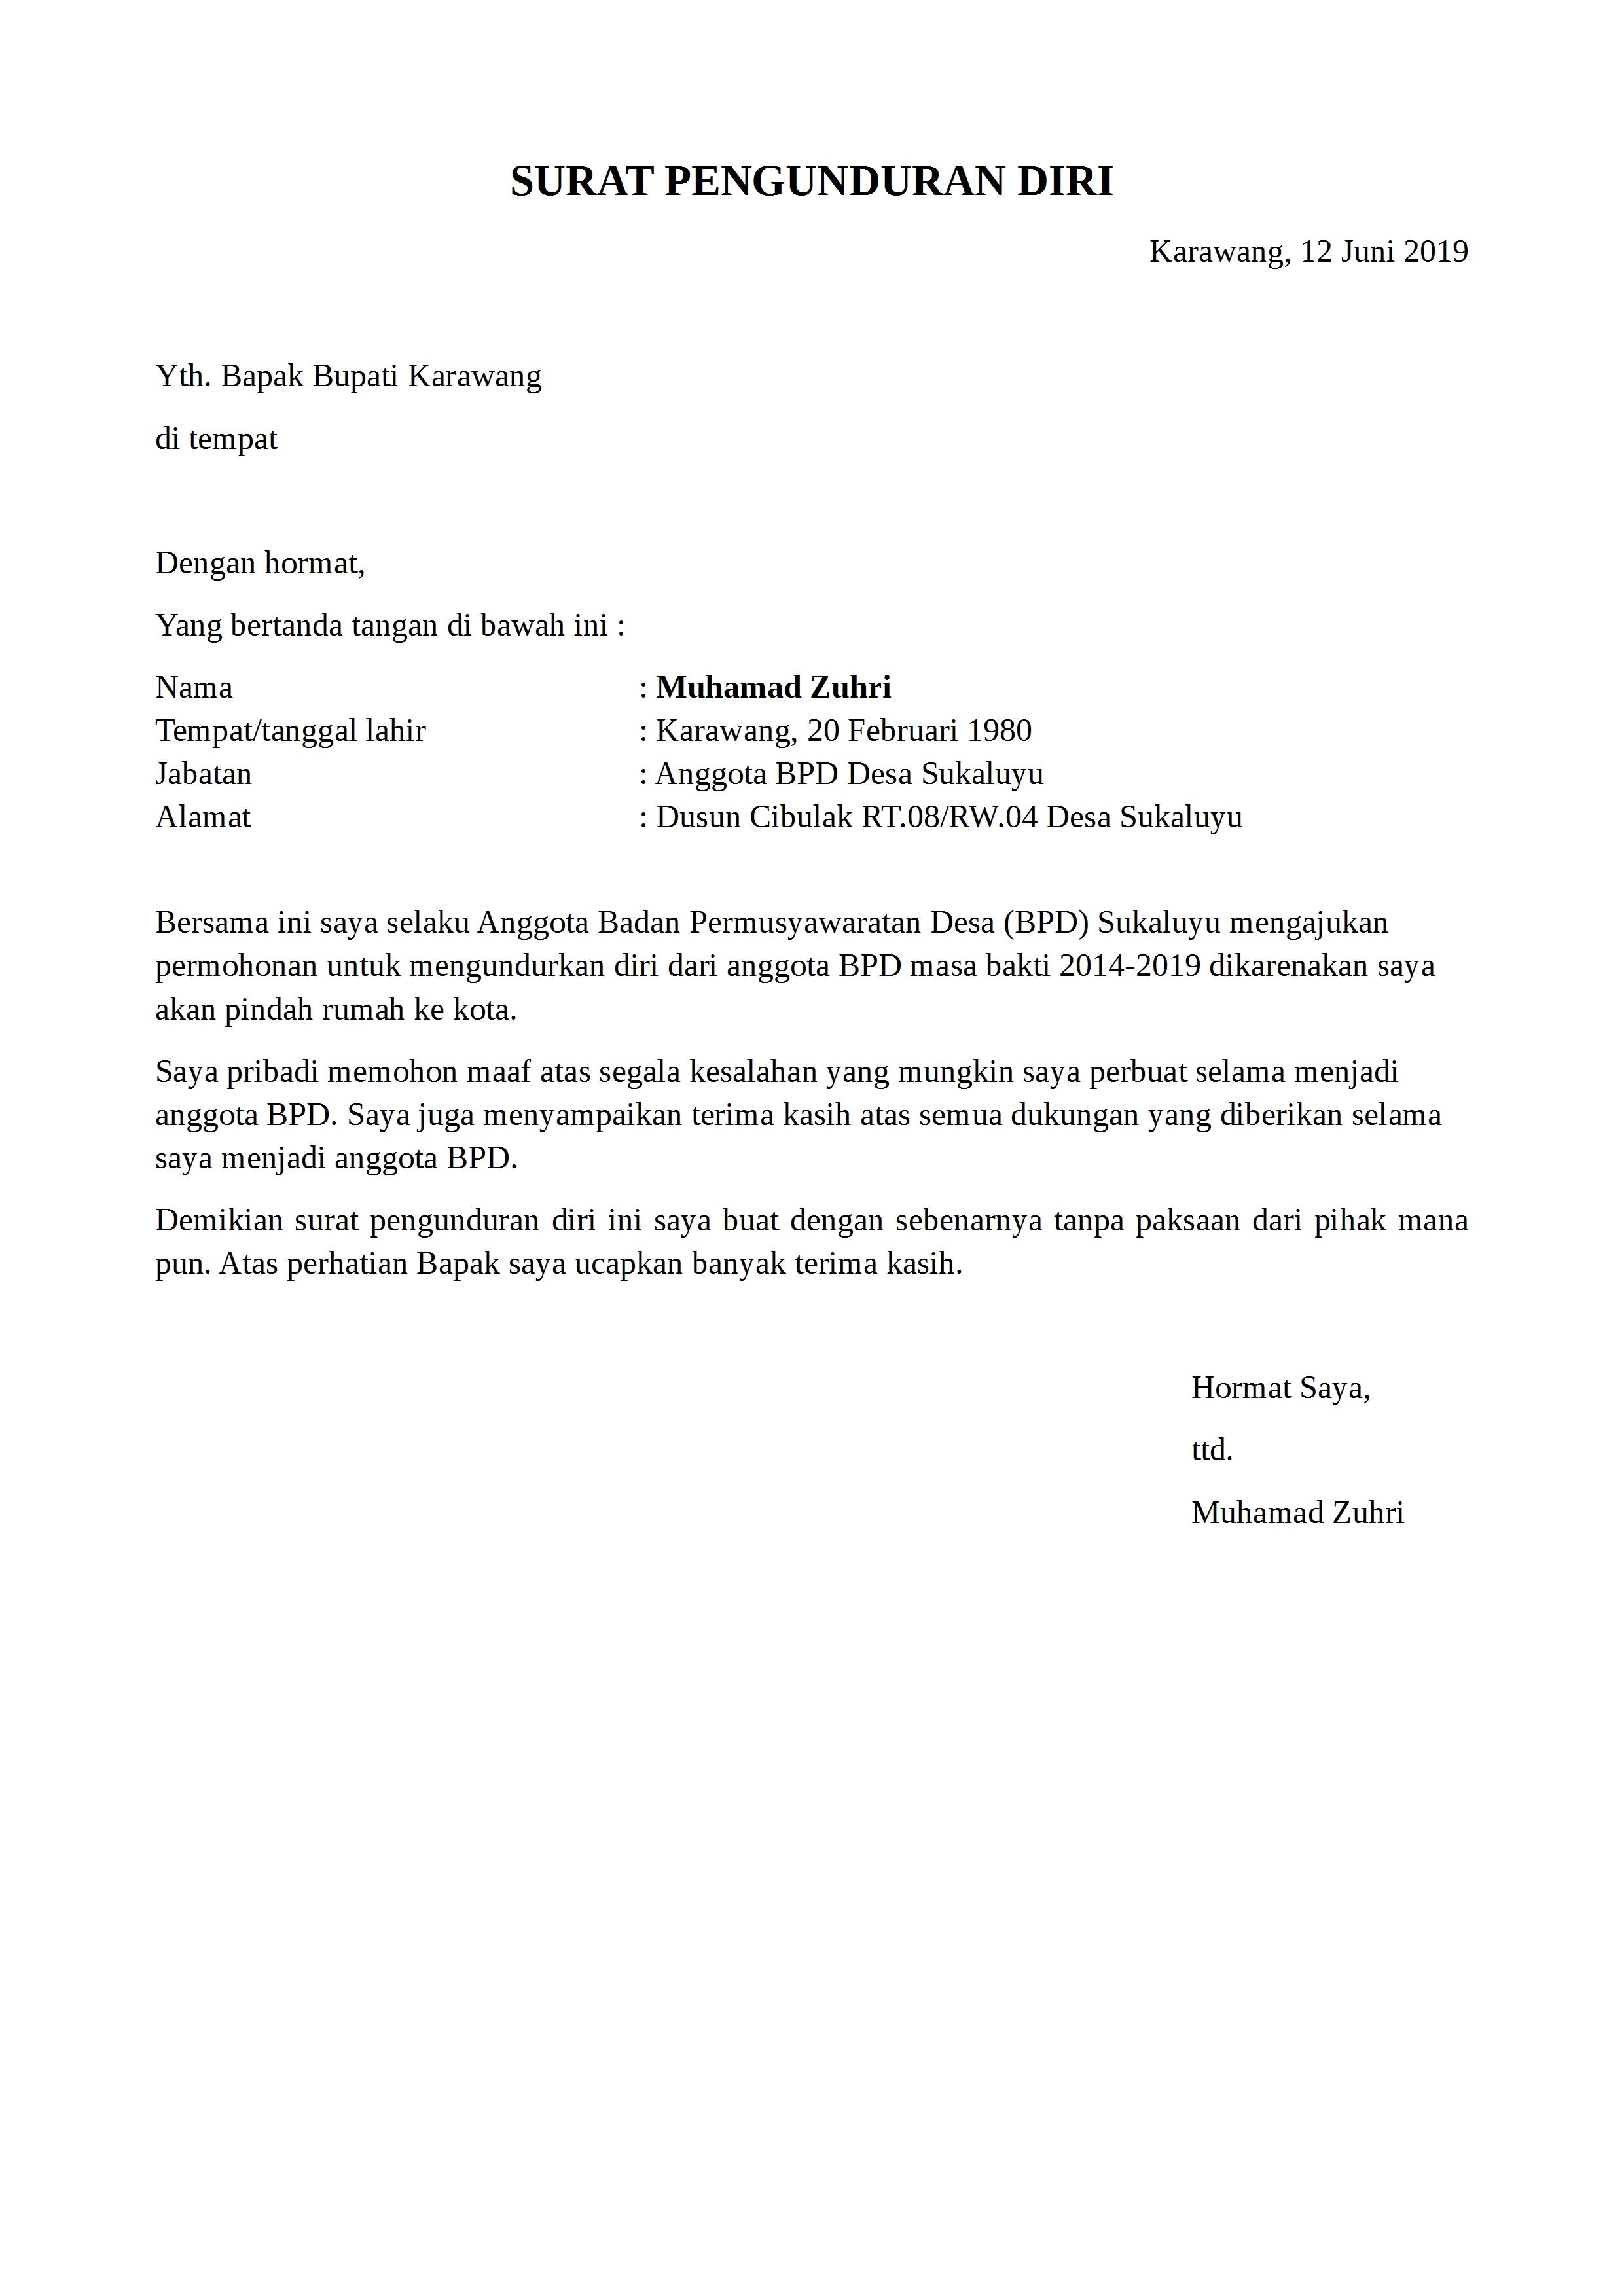 Contoh Surat Pengunduran Diri Perangkat Desa Yang Baik Dan